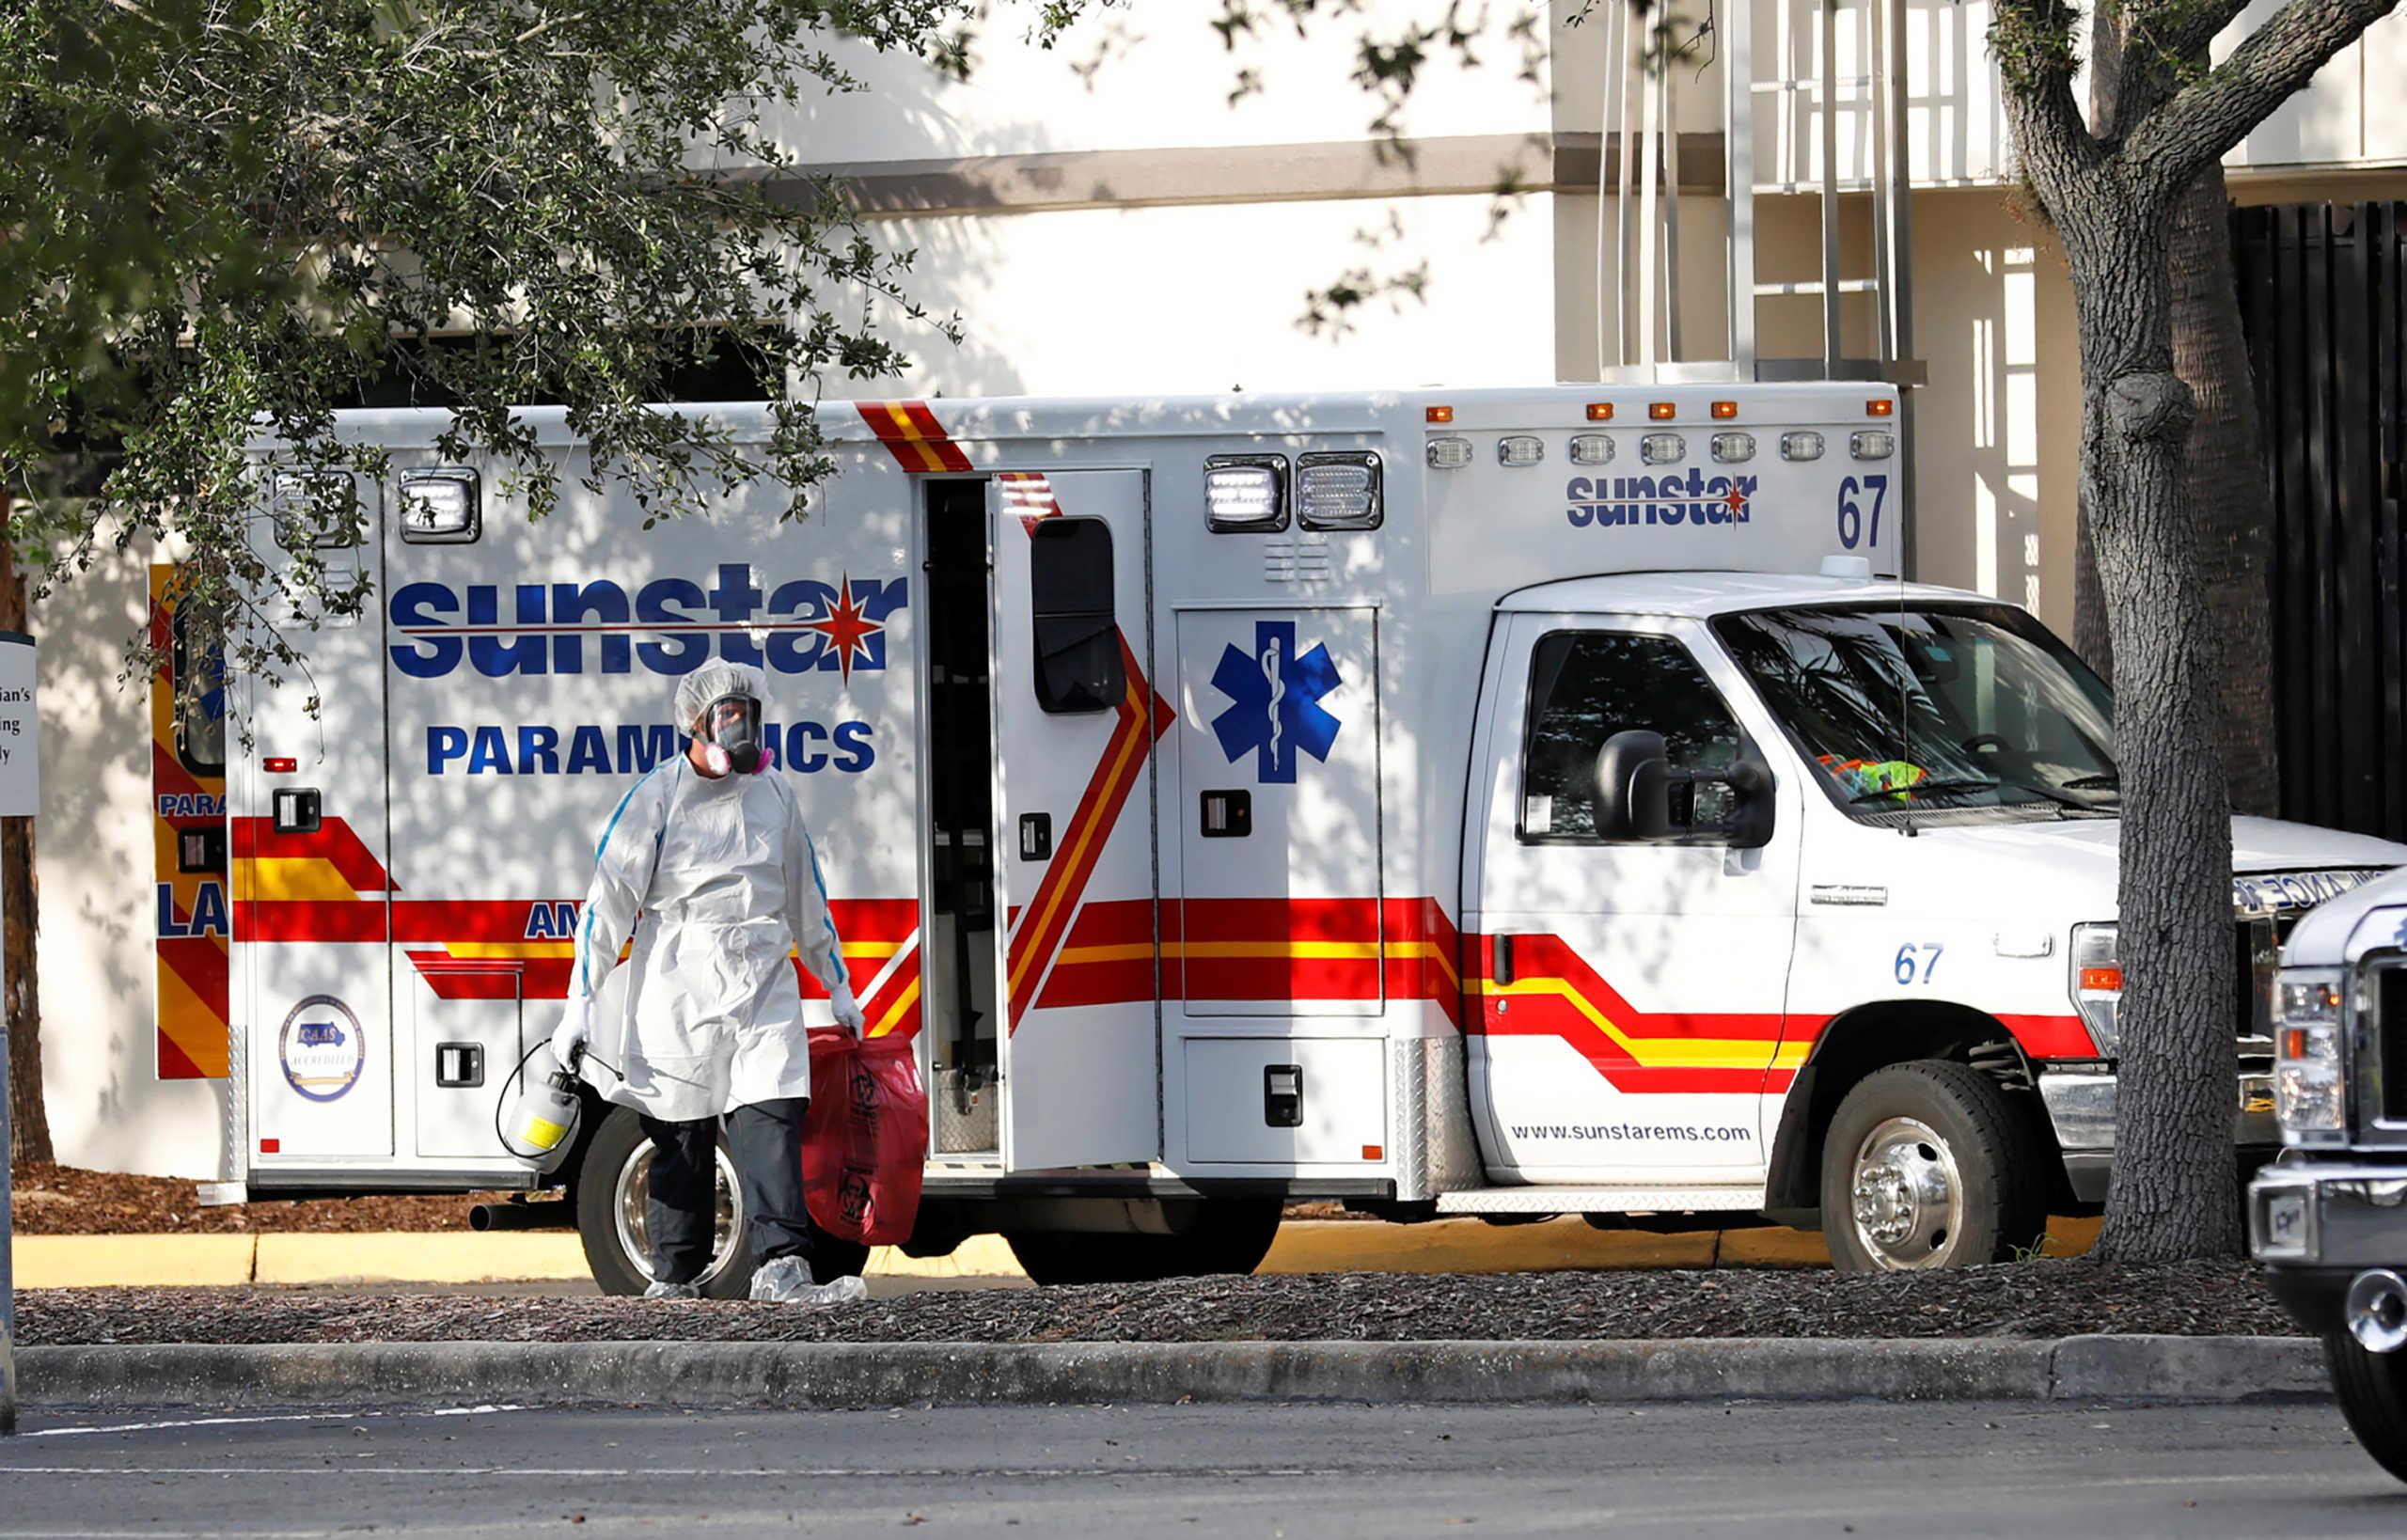 ΗΠΑ: Ασύλληπτο! Νέο ρεκόρ με σχεδόν 4.000 θανάτους από κορονοϊό το τελευταίο 24ωρο